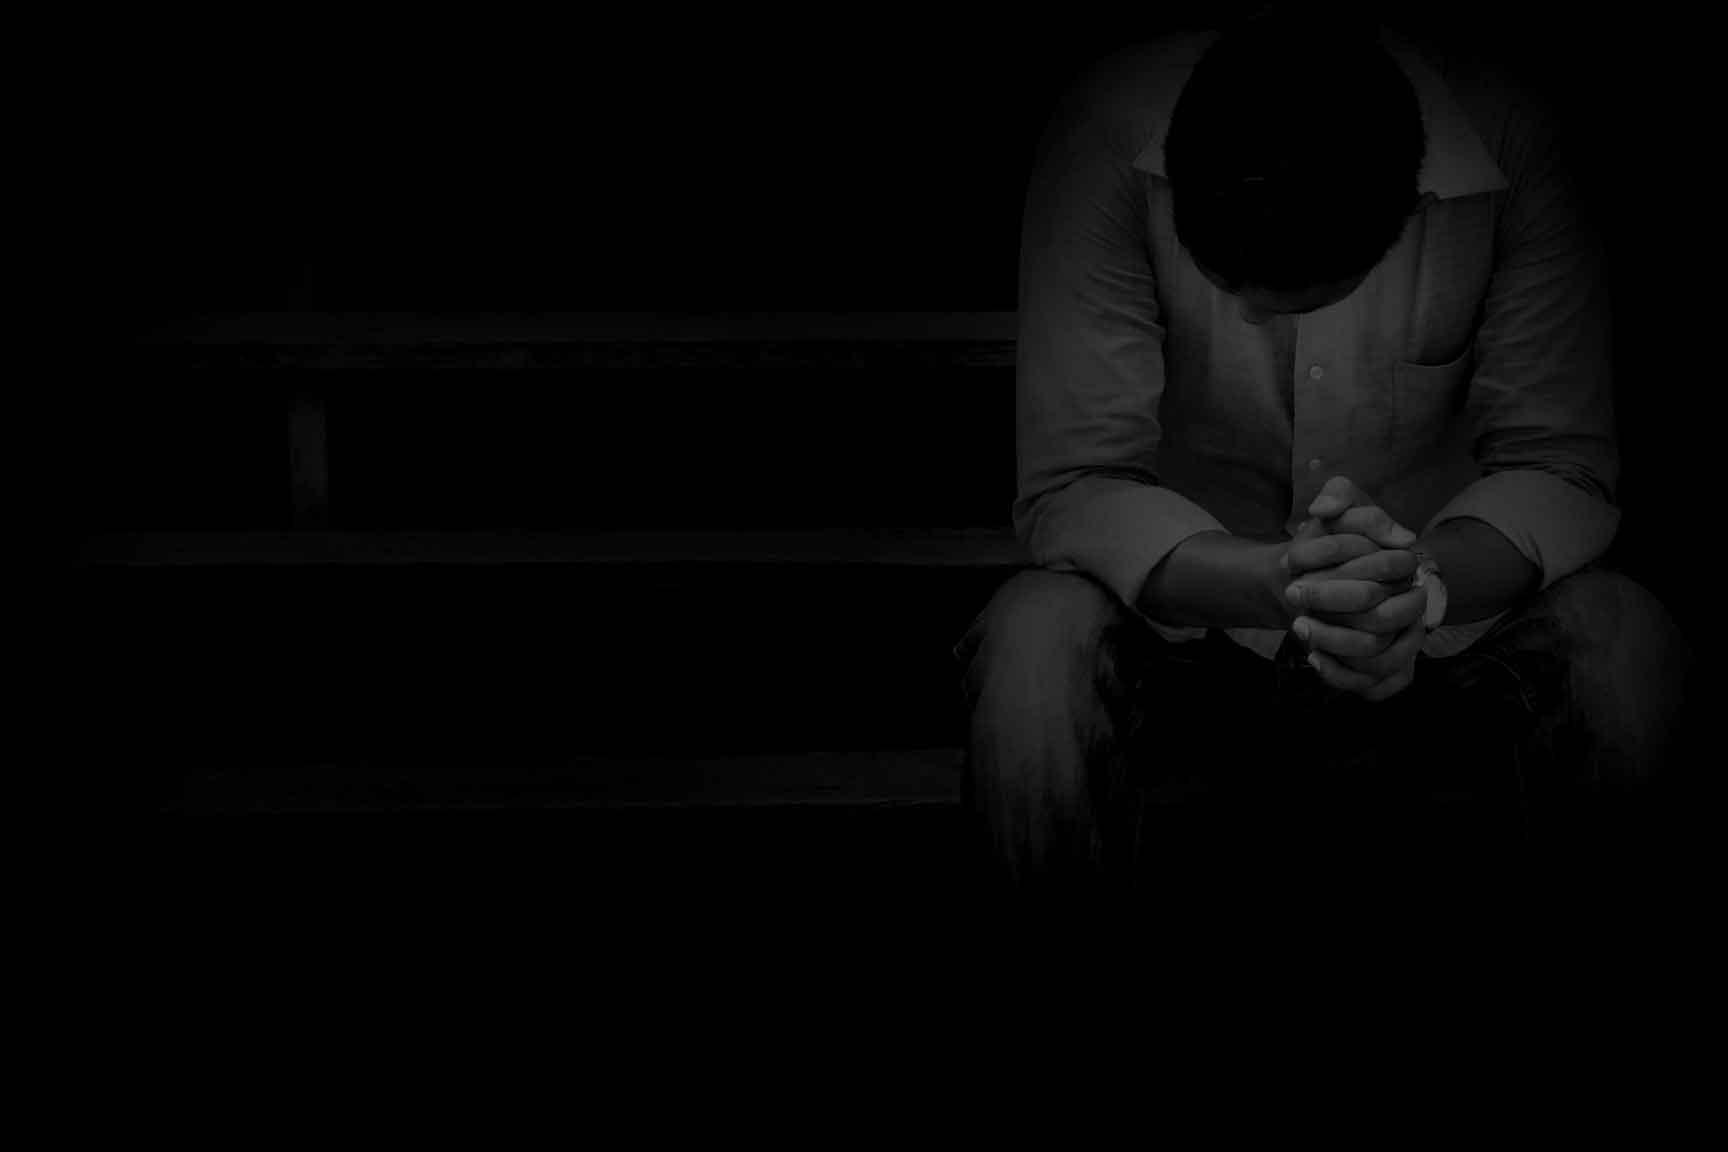 Un homme désespéré, Traumatisme et pensées suicidaires